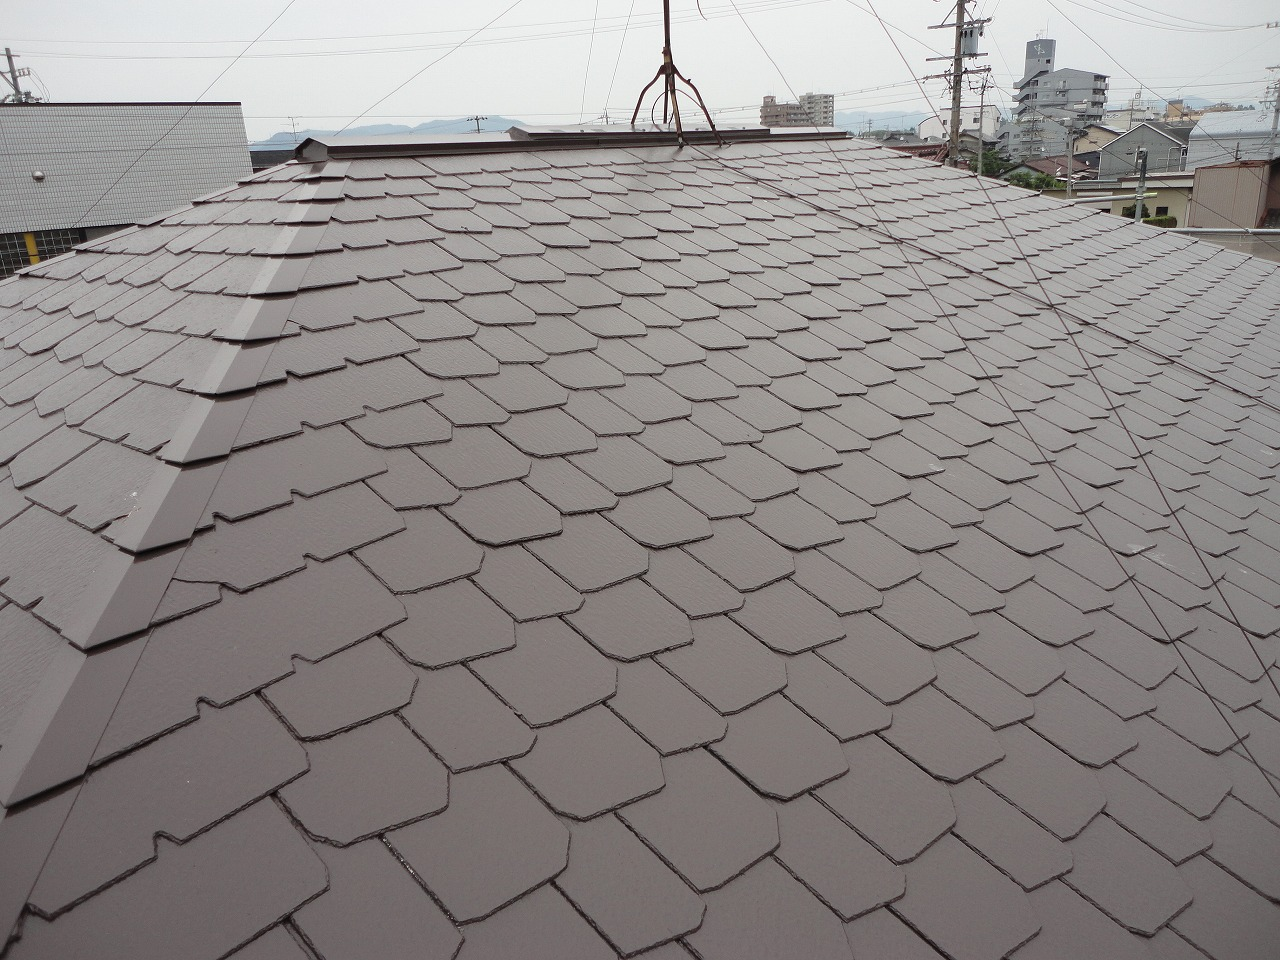 他社の相見積りよりも金額は高かったようですが、提案内容に御納得頂き、今回施工させていただくことが出来ました。 屋根は塗装後、艶がありとてもきれいな色に仕上がりました。 また、全体の色のコーディネートにもまとまりがあり、素敵な外観になりました!